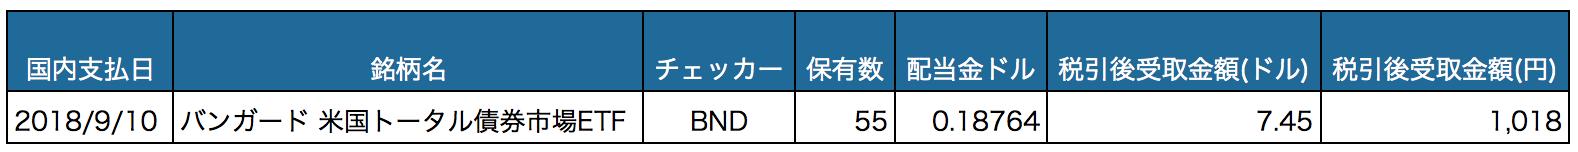 配当金_201809